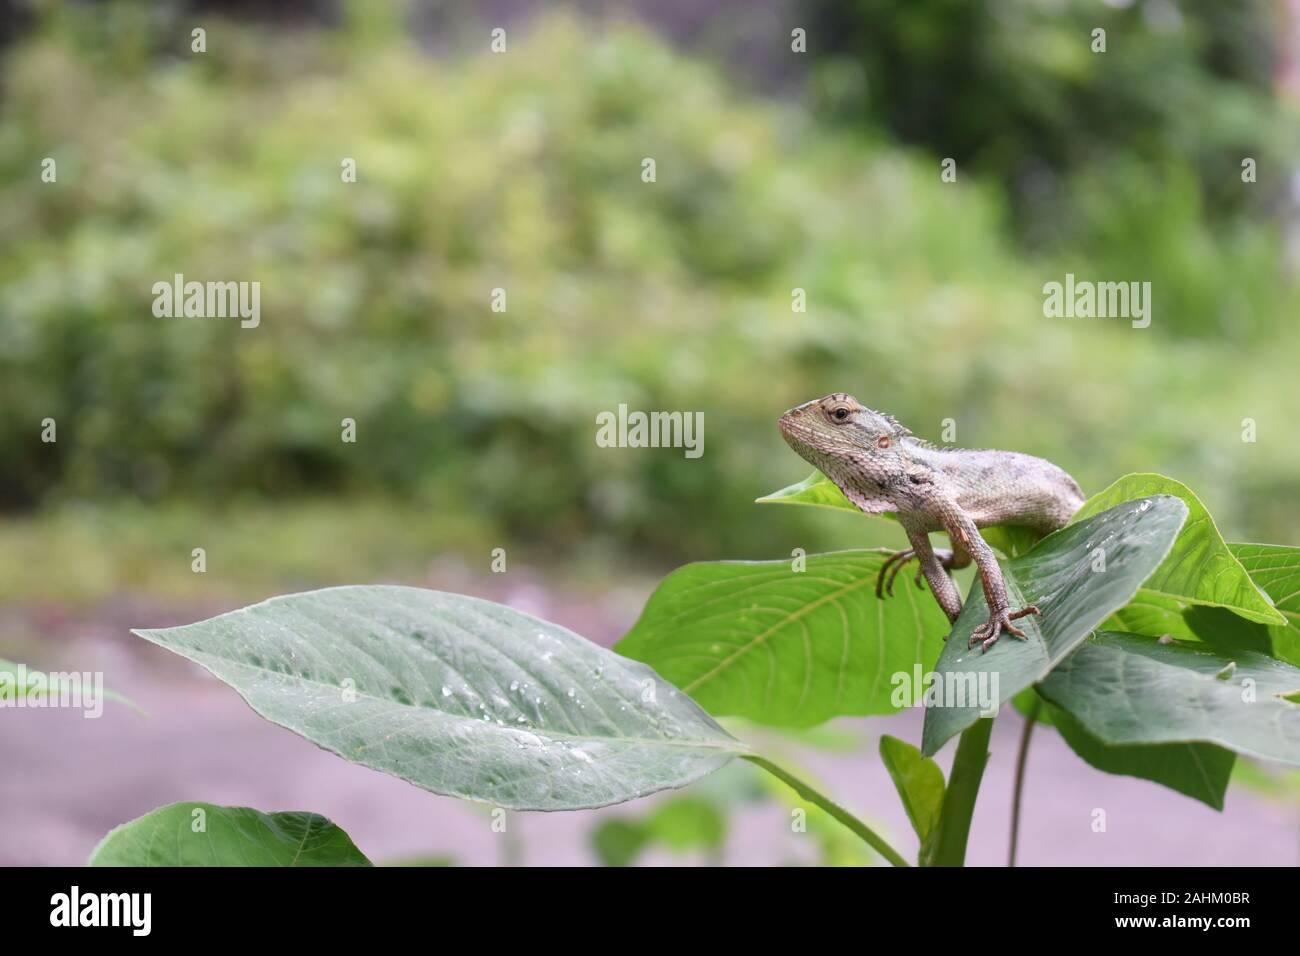 Jardín oriental (lagarto Calotes versicolor) el sol de la mañana. En la temporada de lluvias, su color de piel vuelta a verdoso. Foto de stock